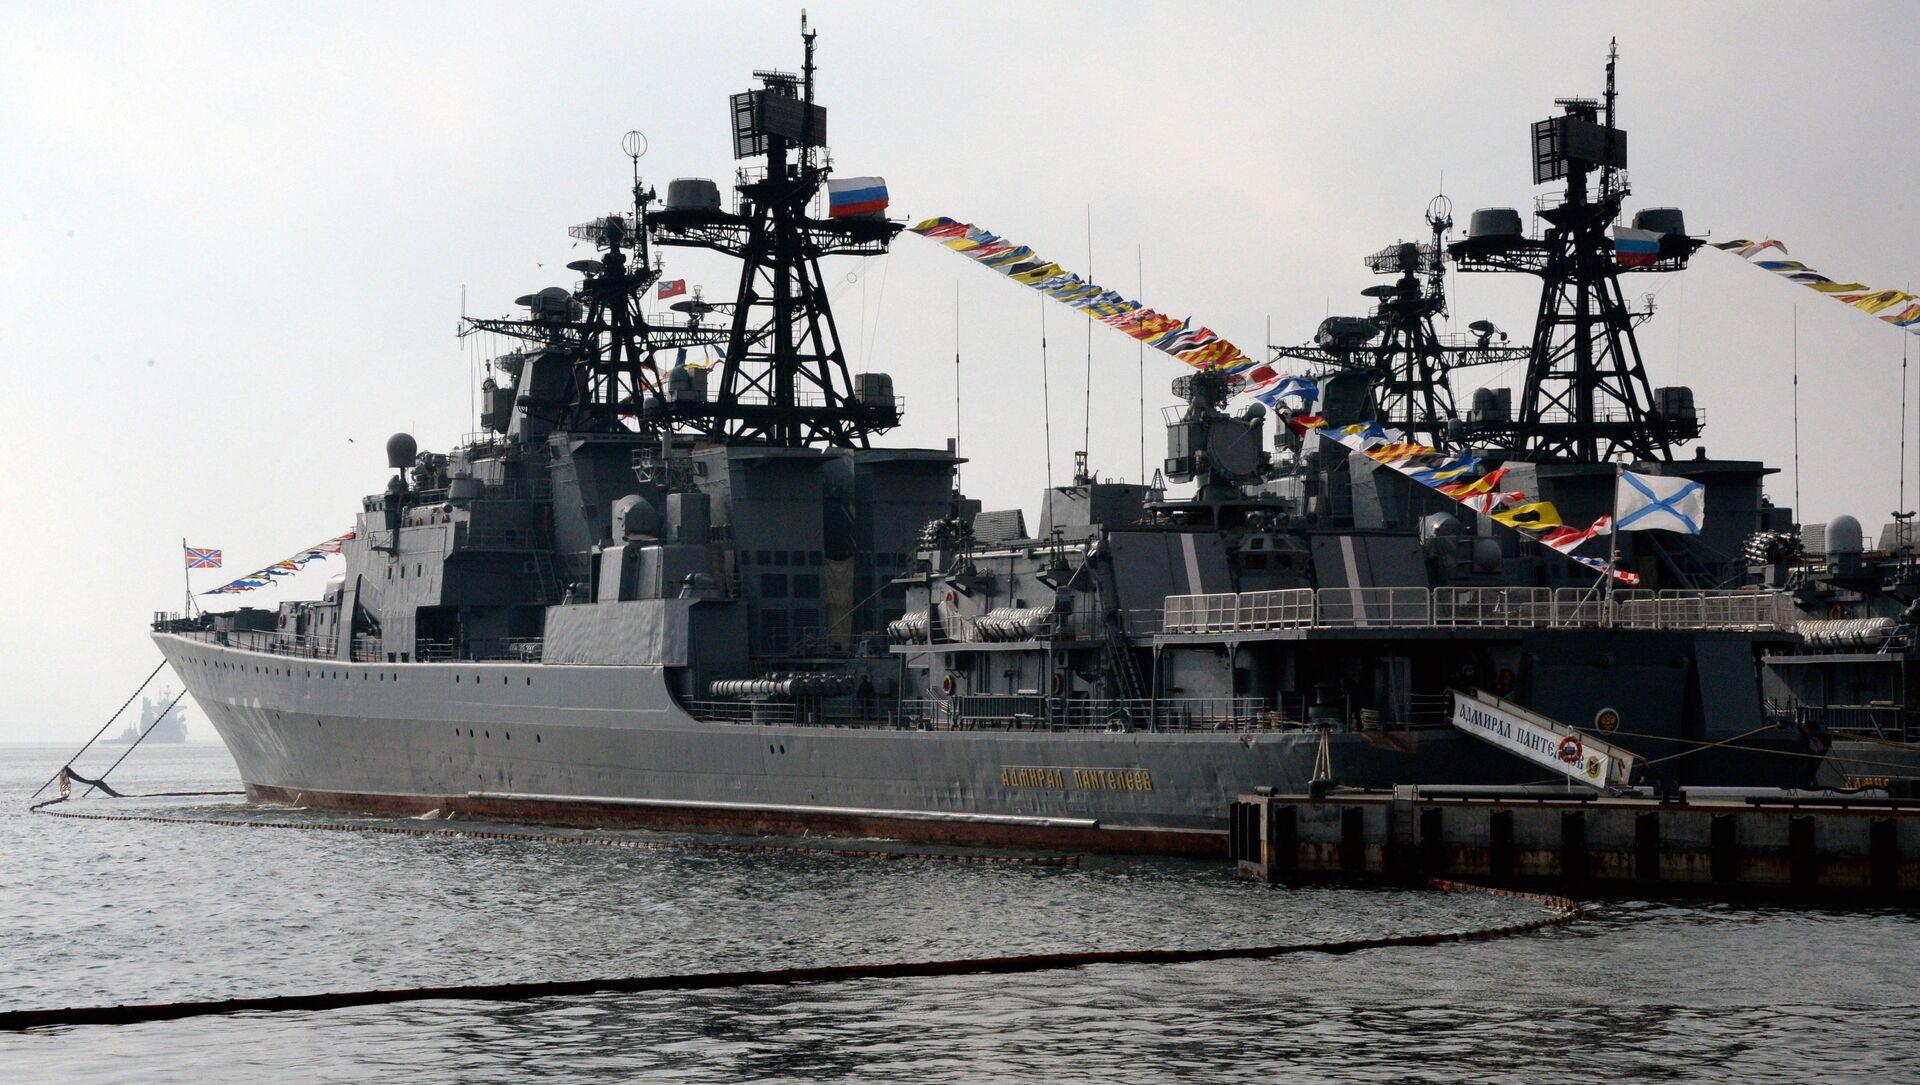 Tàu ngầm Đô đốc Panteleyev. - Sputnik Việt Nam, 1920, 10.06.2021